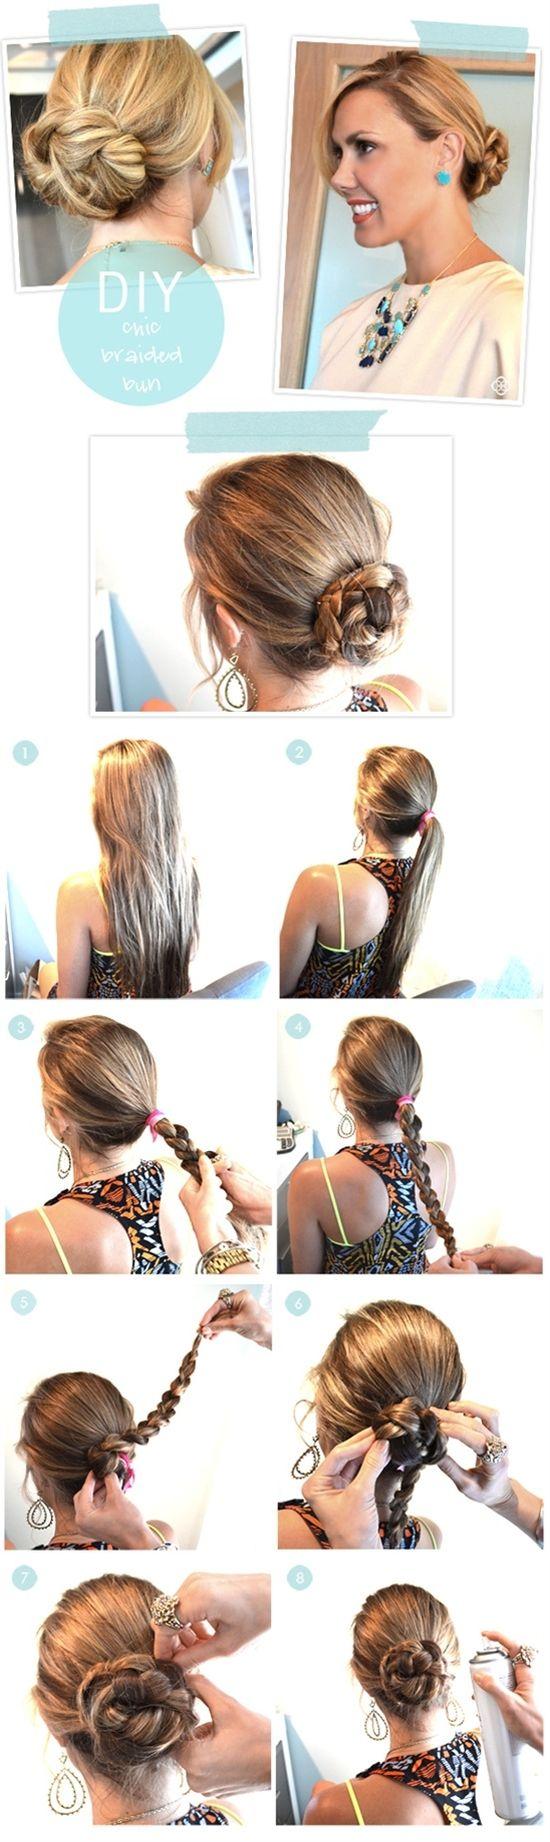 Как делать причёску каскад